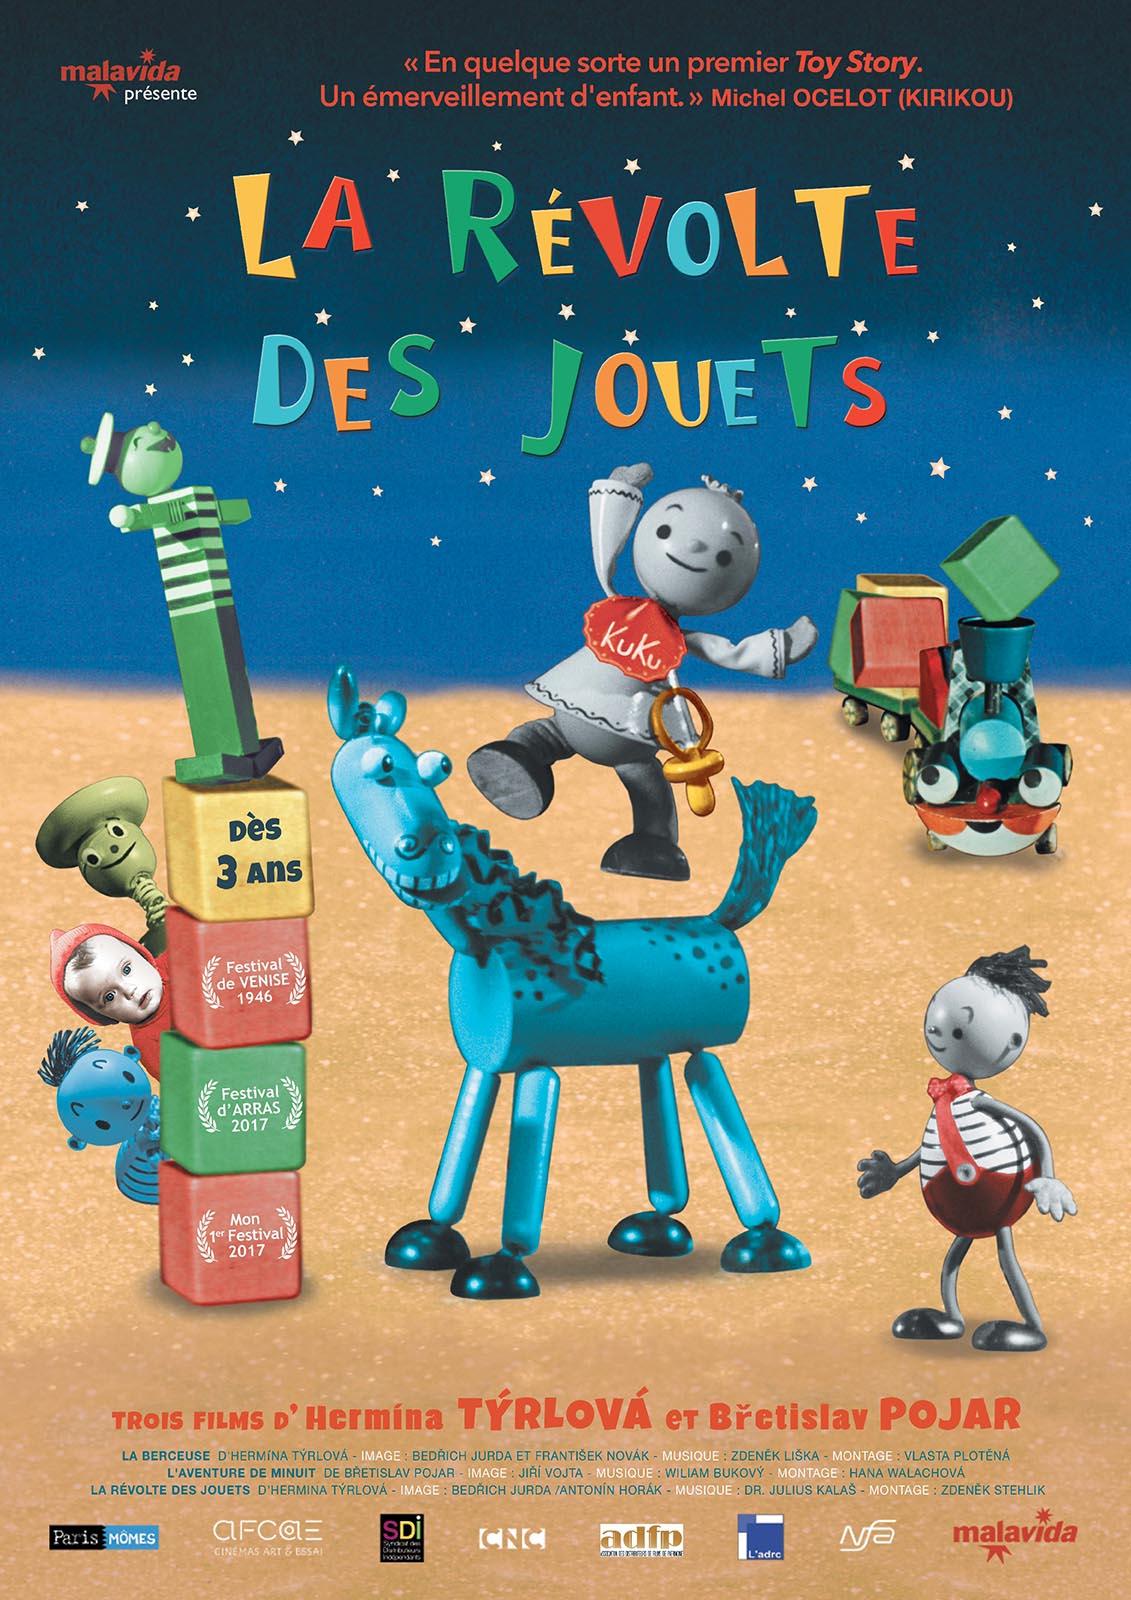 Image du film La Revolte des jouets